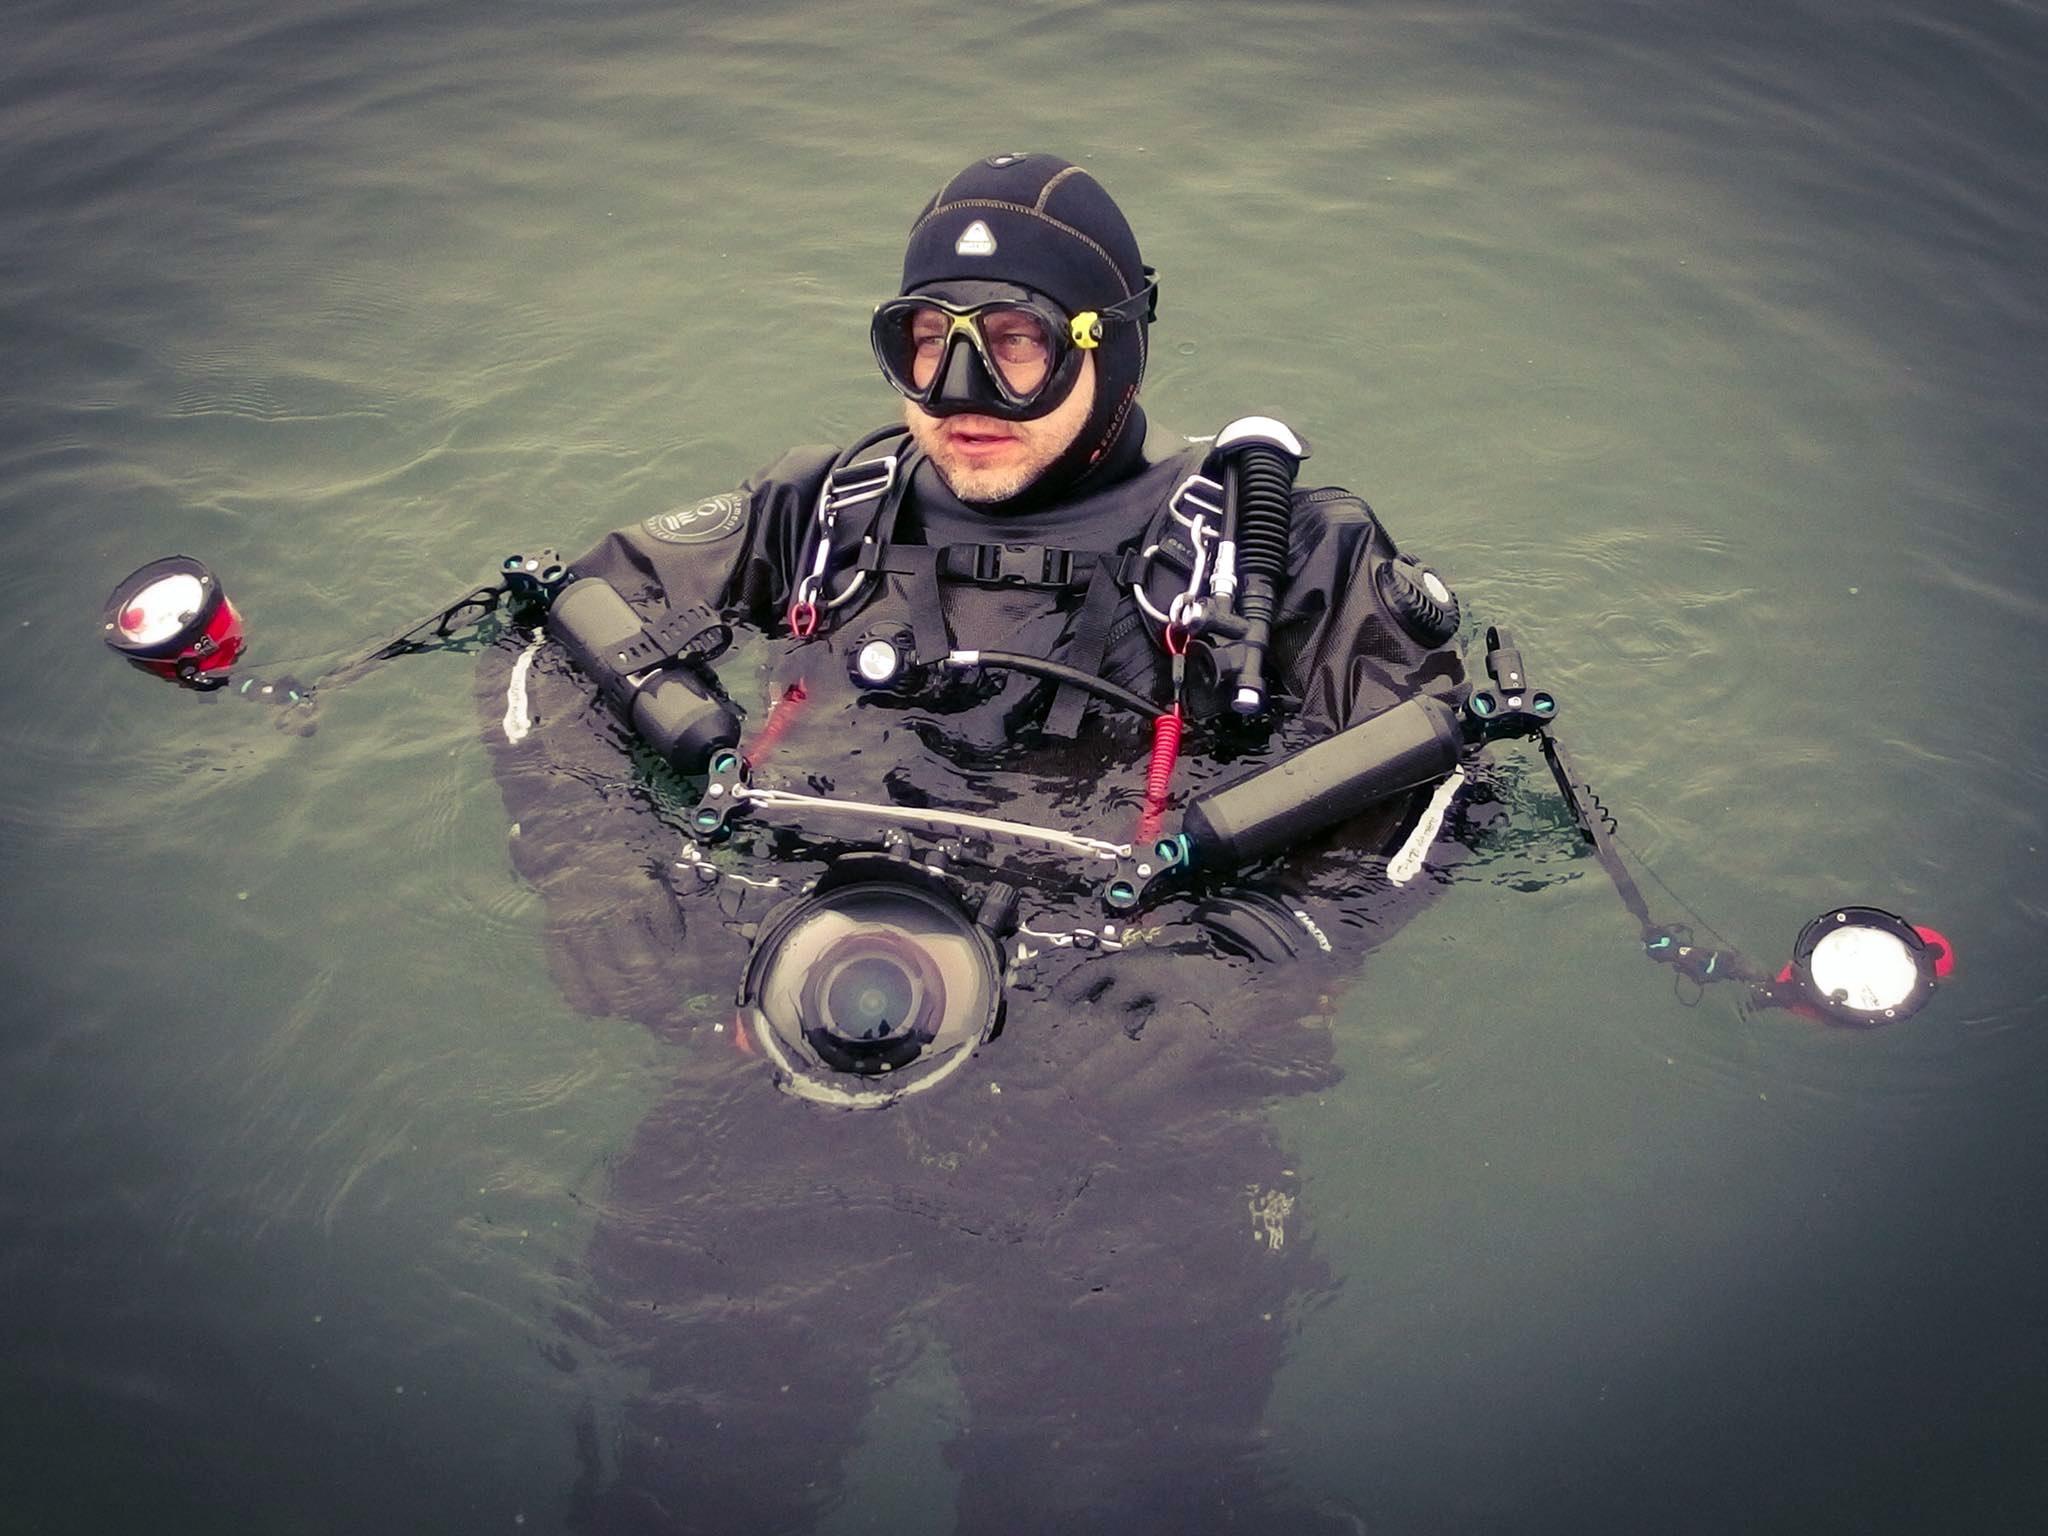 Tauchlehrer mit Unterwasserkamera beim Abtauchen